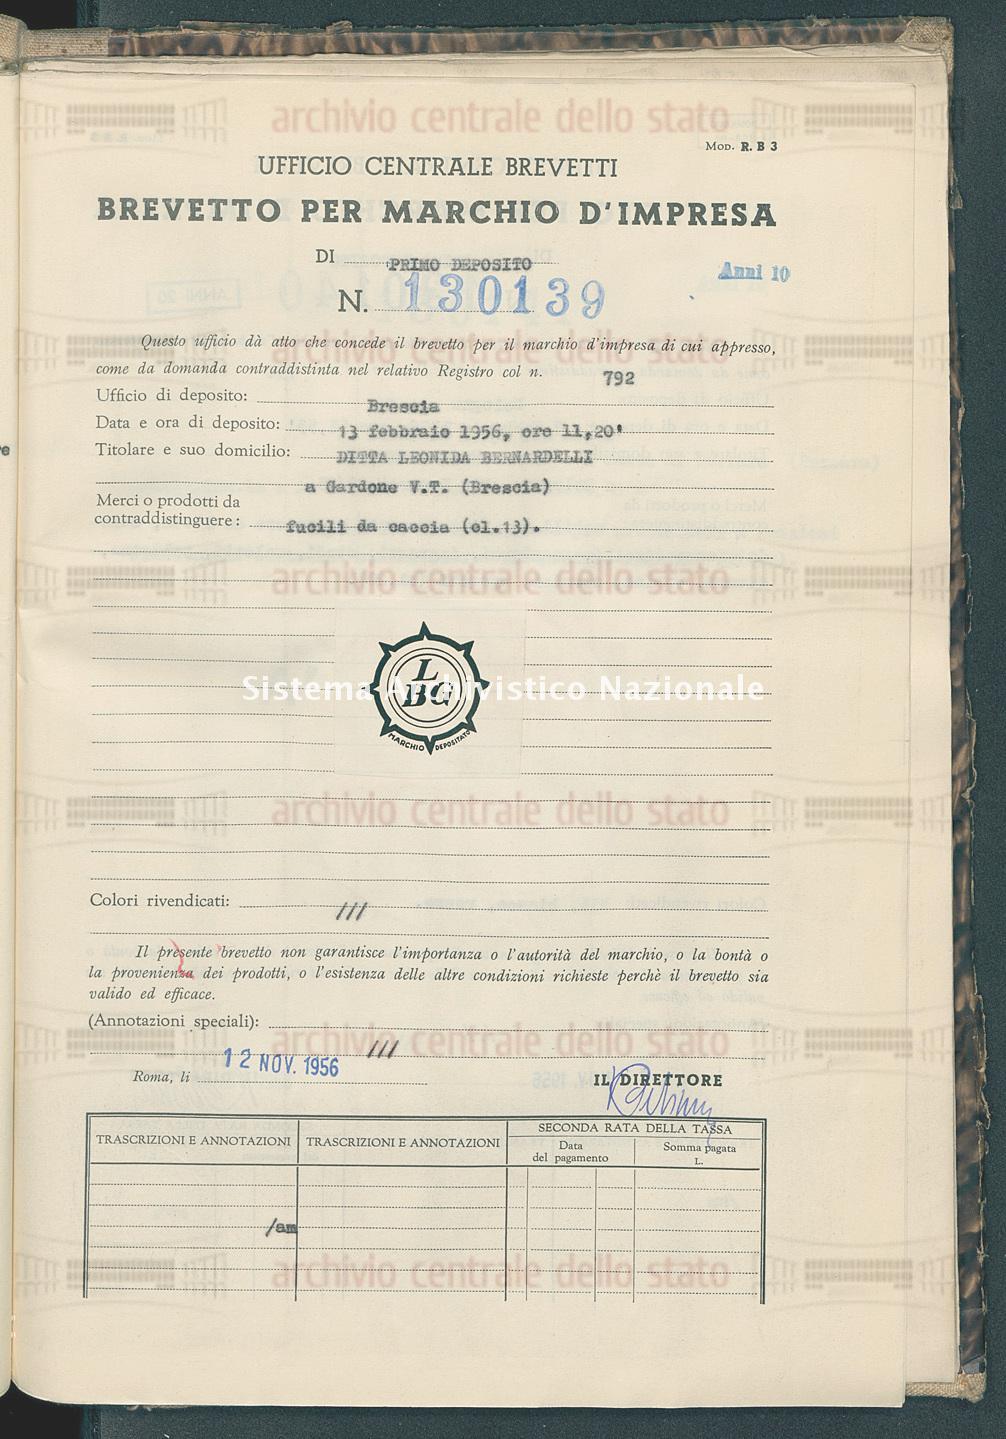 Fucili da caccia Ditta Leonida Bernardelli (12/11/1956)